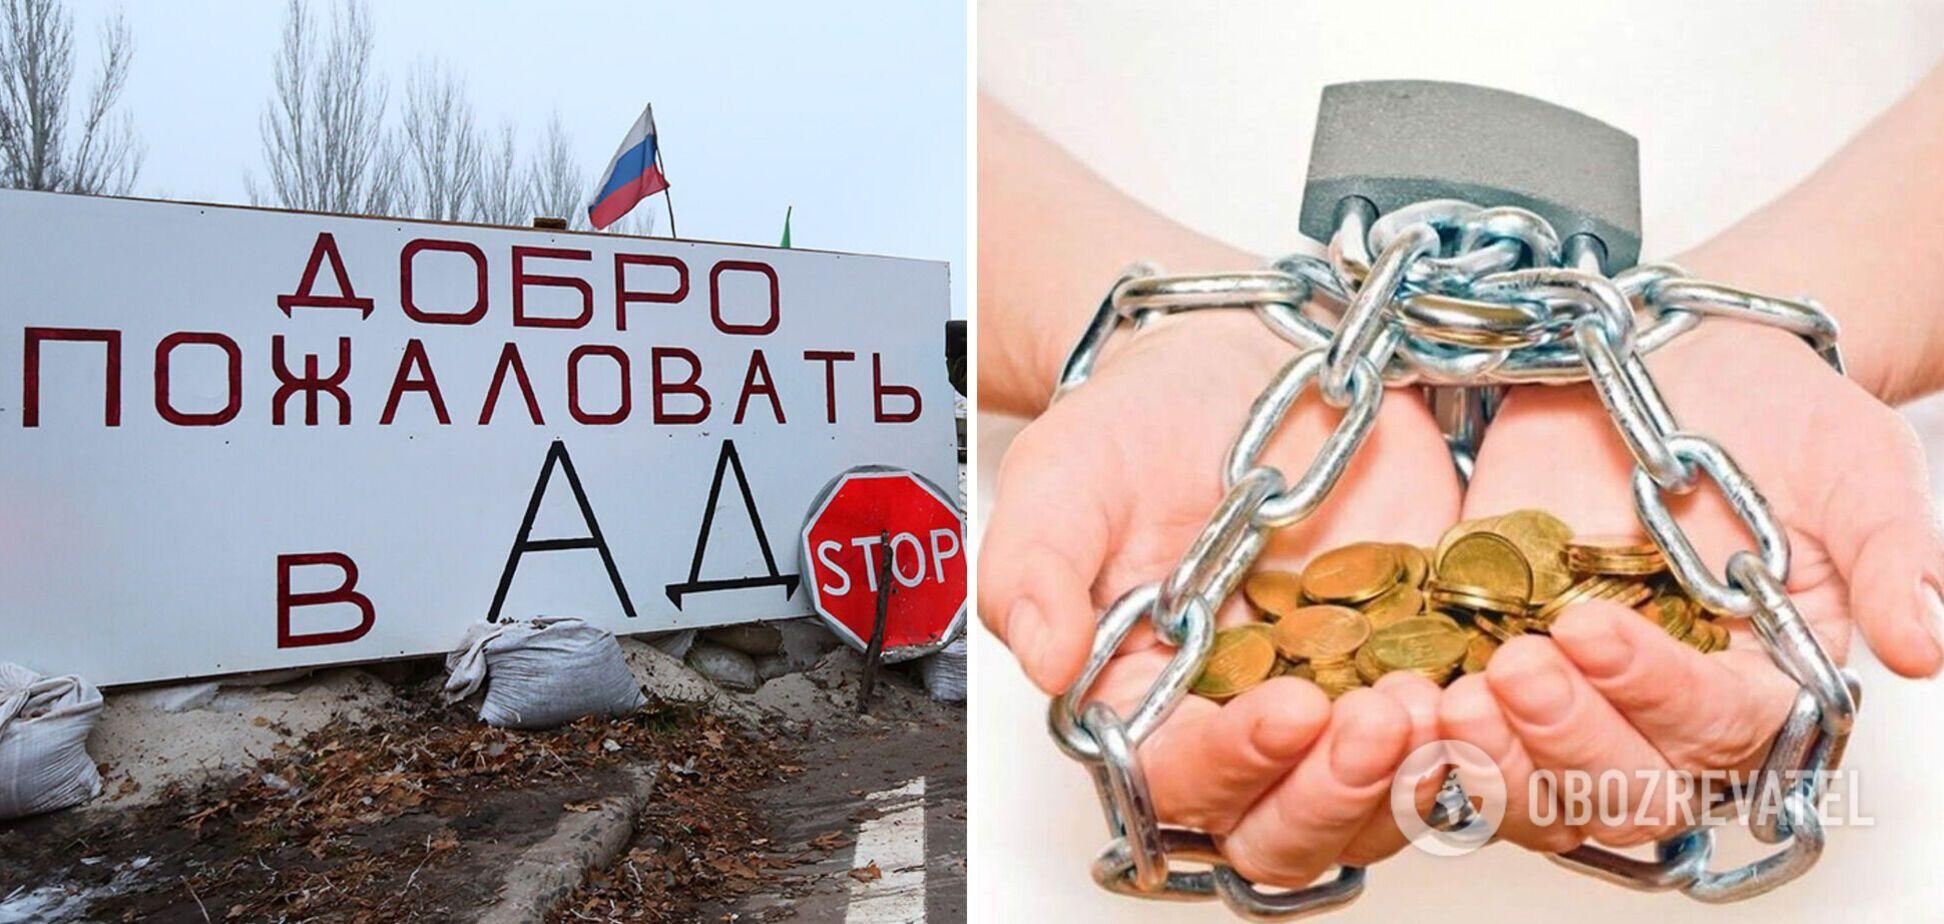 Цирк на марше: в 'ДНР' разрешили не платить долги Украине